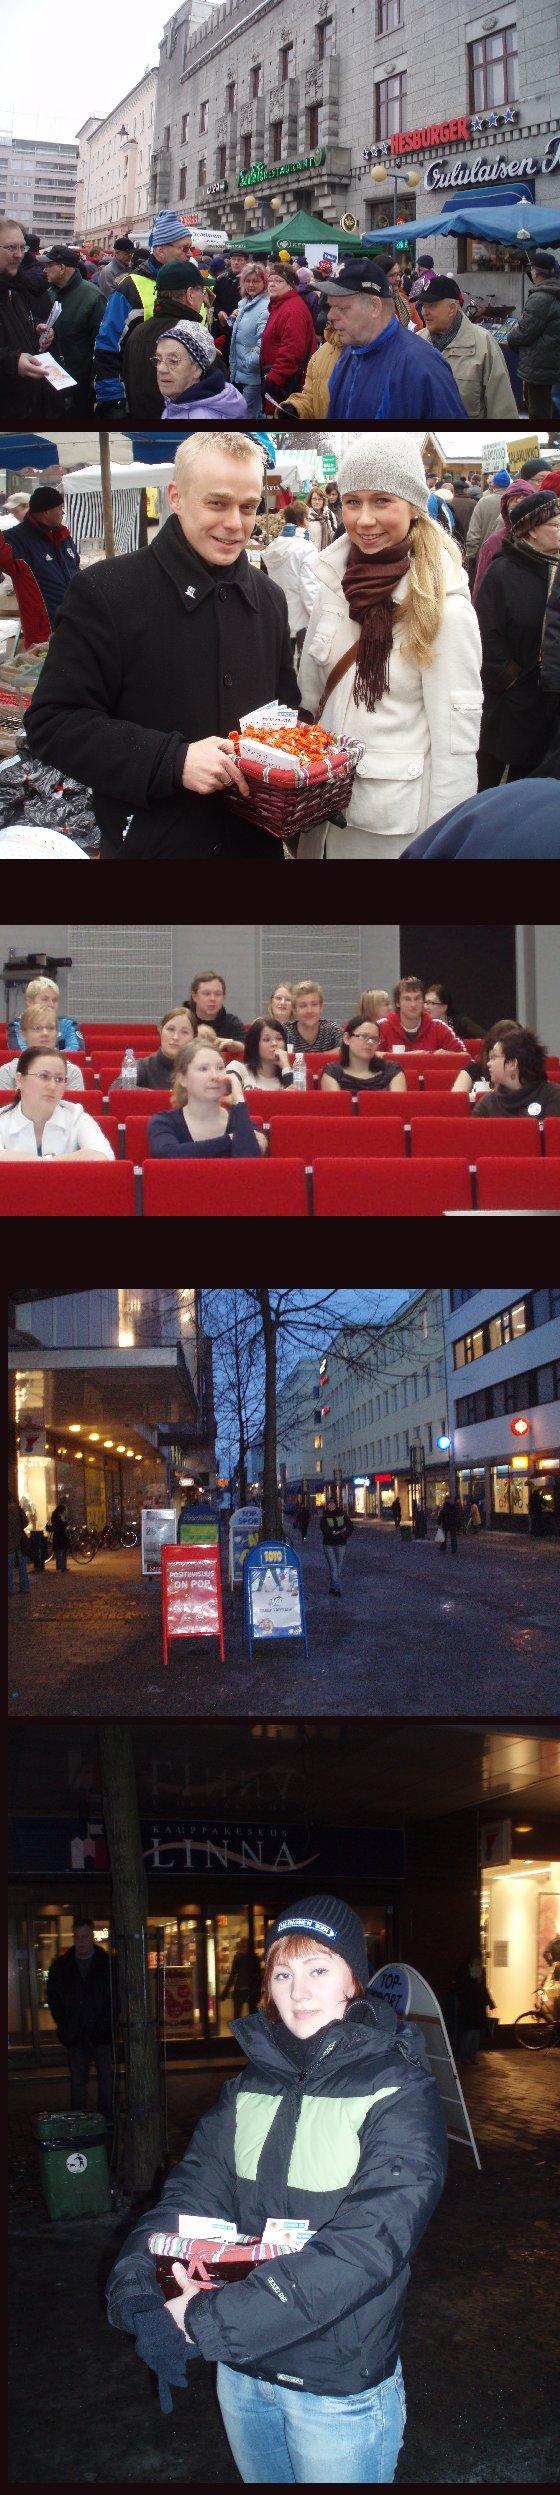 Kampanjan toiseksi viimeinen keskiviikko. Ensin aamulla Lahden torilla missä tapasin mm. vanhan ystäväni Helin. Sitten Hämeenlinnan OKL:n vaalipaneeli ja illalla vielä iltatempaus Hämeenlinnan Reskalla.